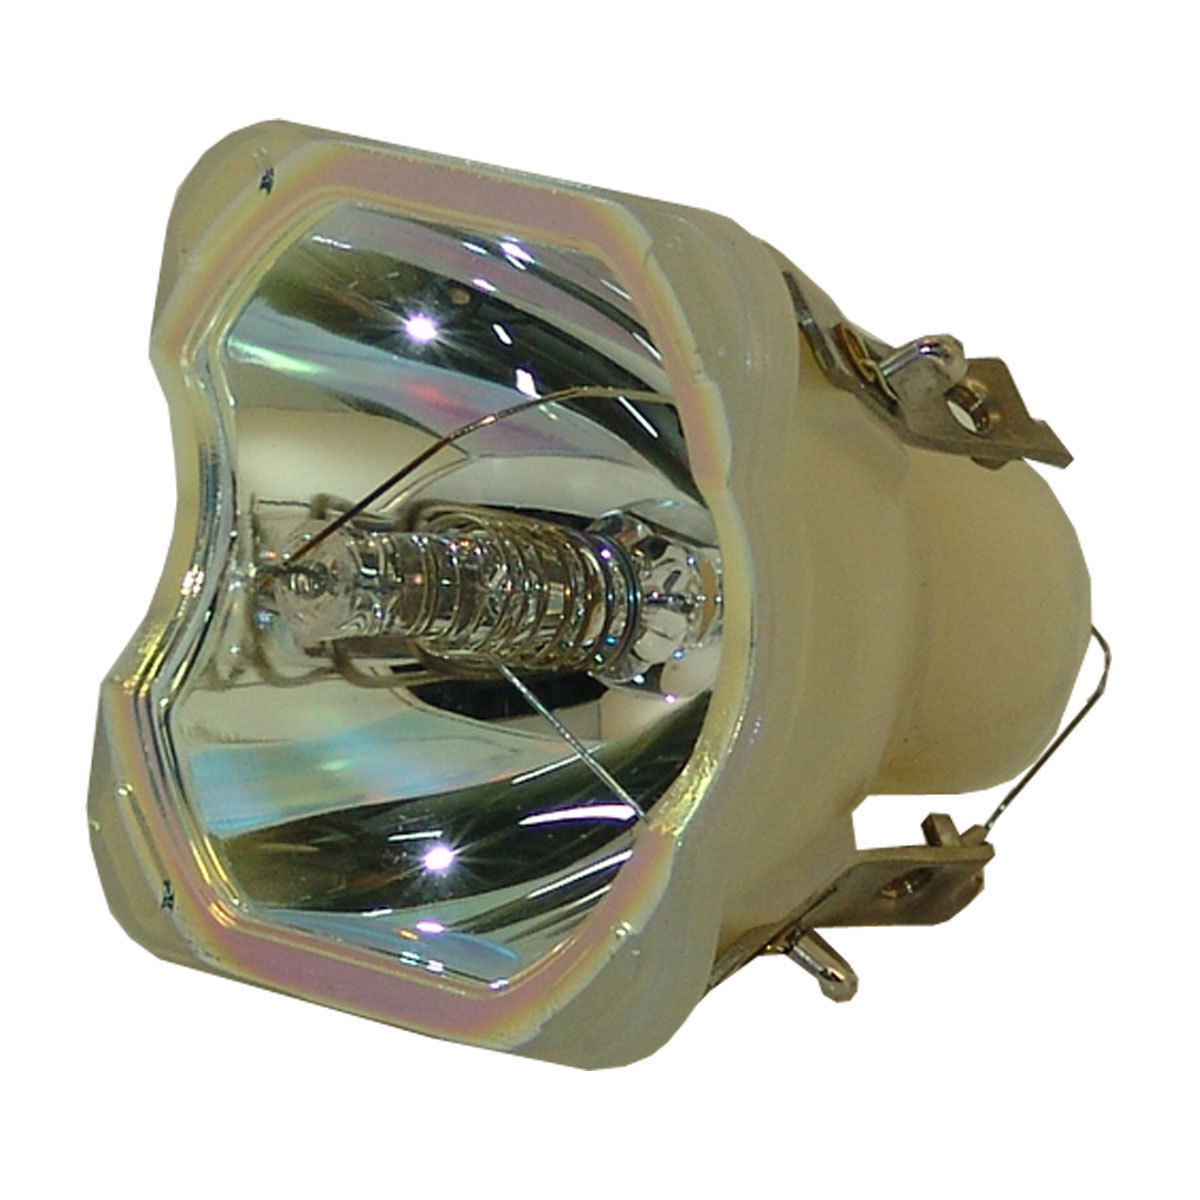 Comapatible Bare Bulb LMP-D200 LMPD200 for Sony VPL-DX10 VPL-DX11 DX11 VPL-DX15 DX15 Projector Bulb Lamp without housing